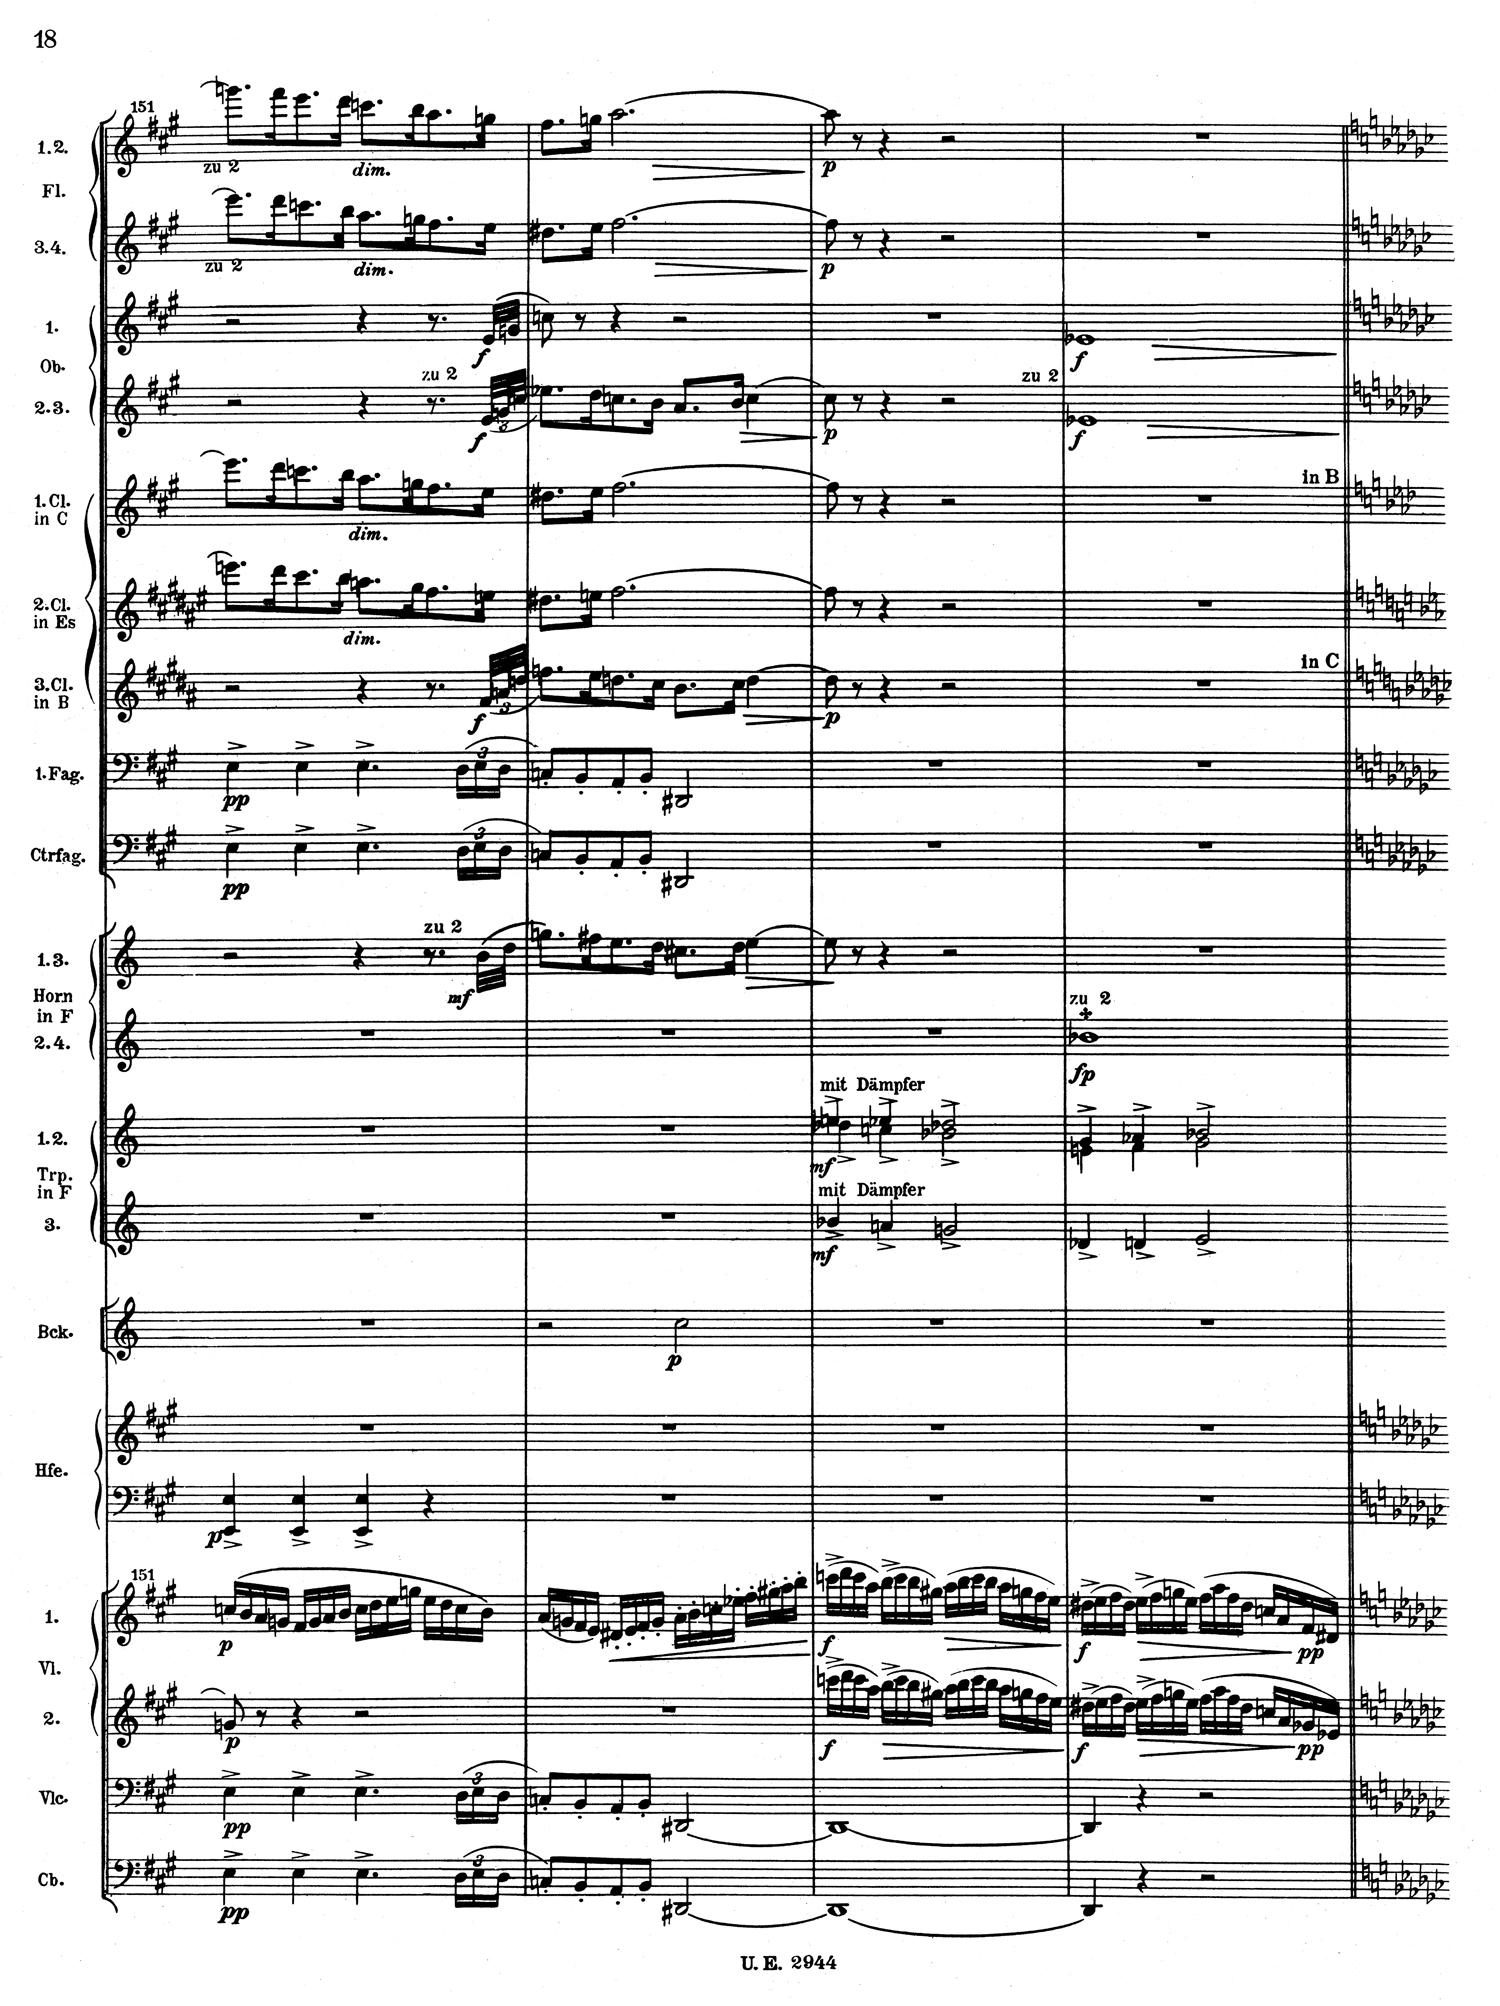 Mahler 4 Score 2.jpg